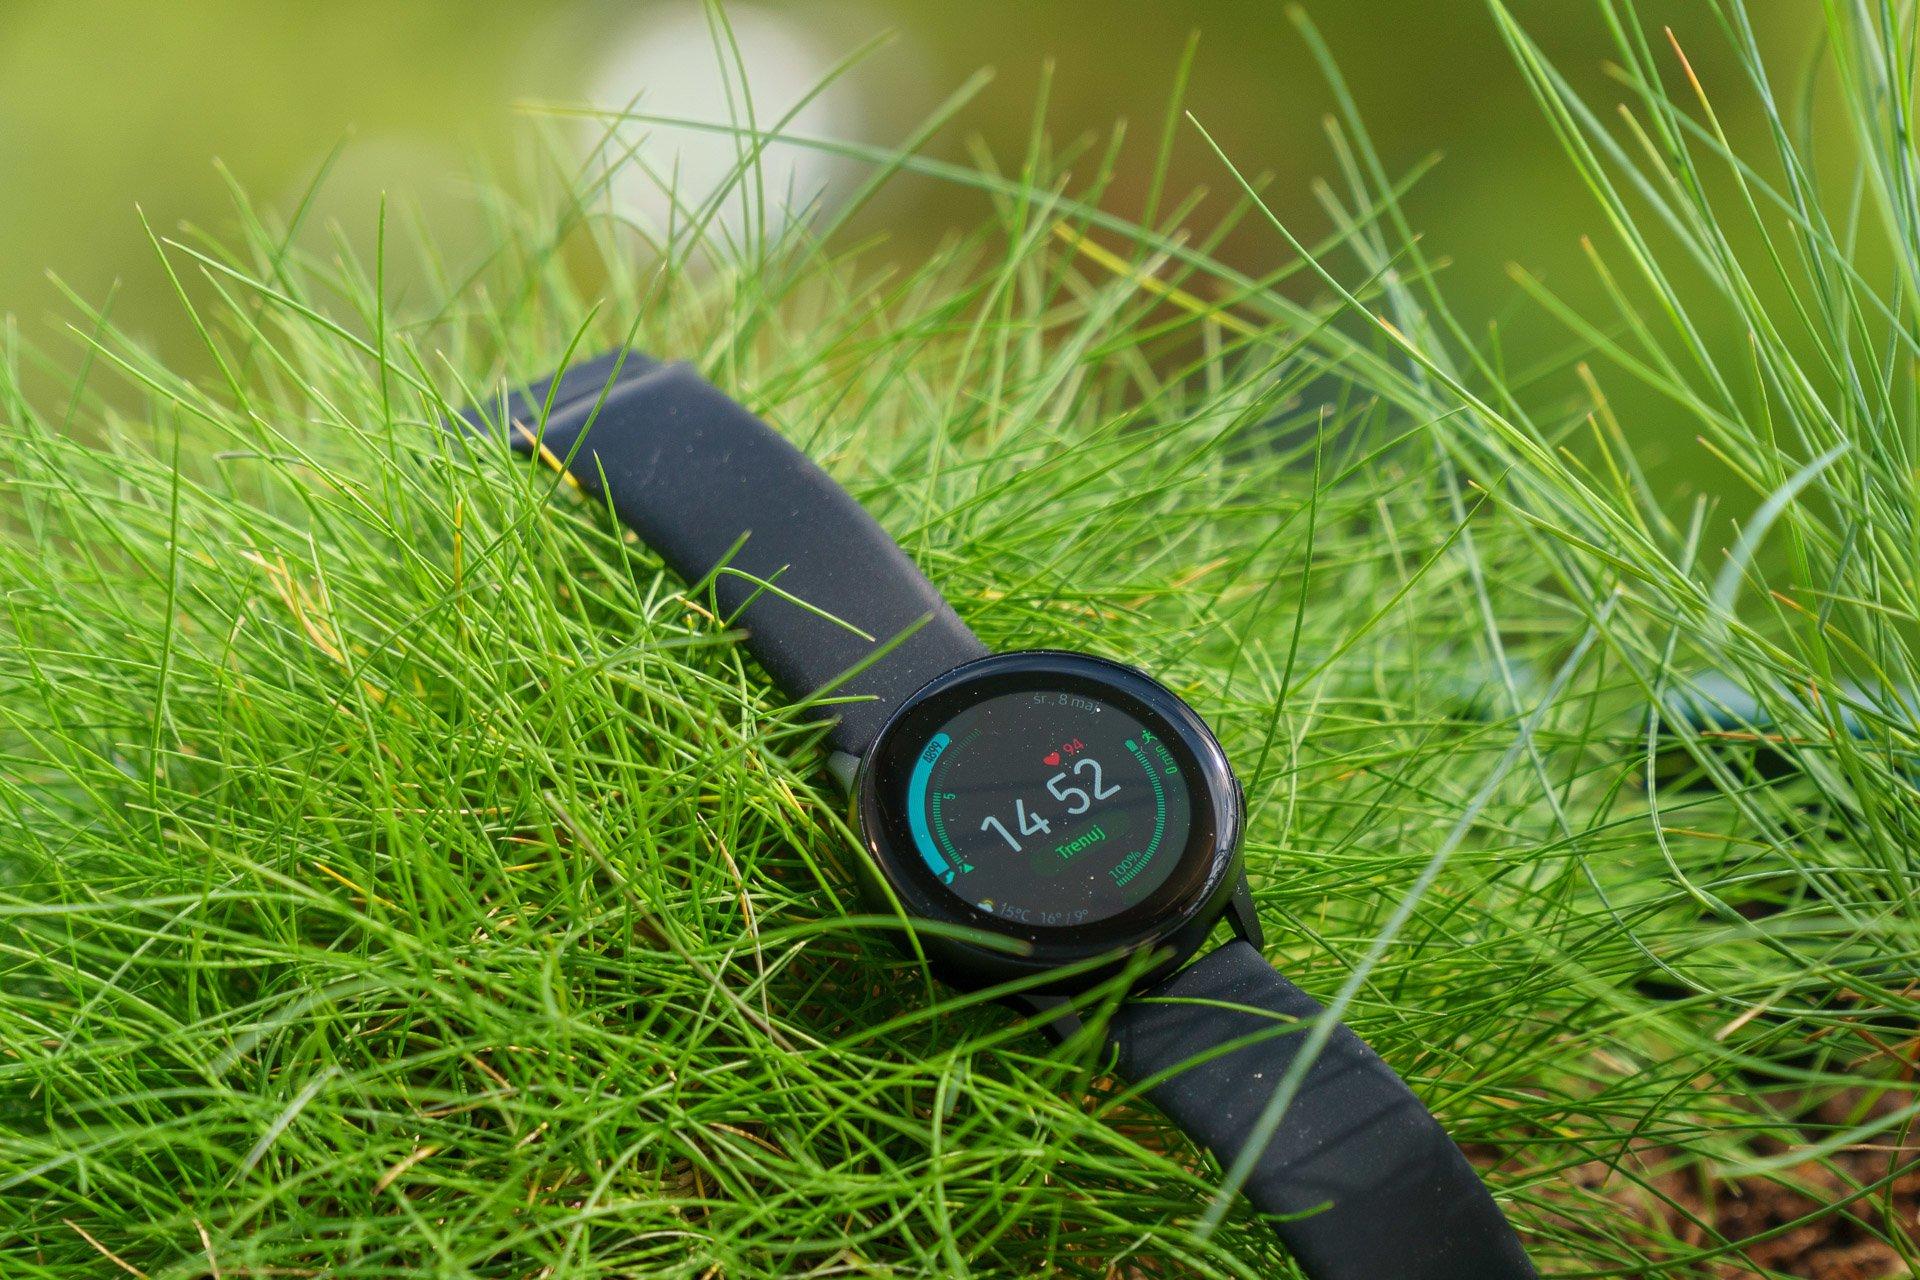 Samsung Galaxy Watch Active 2 zachowa główne cechy poprzednika 20